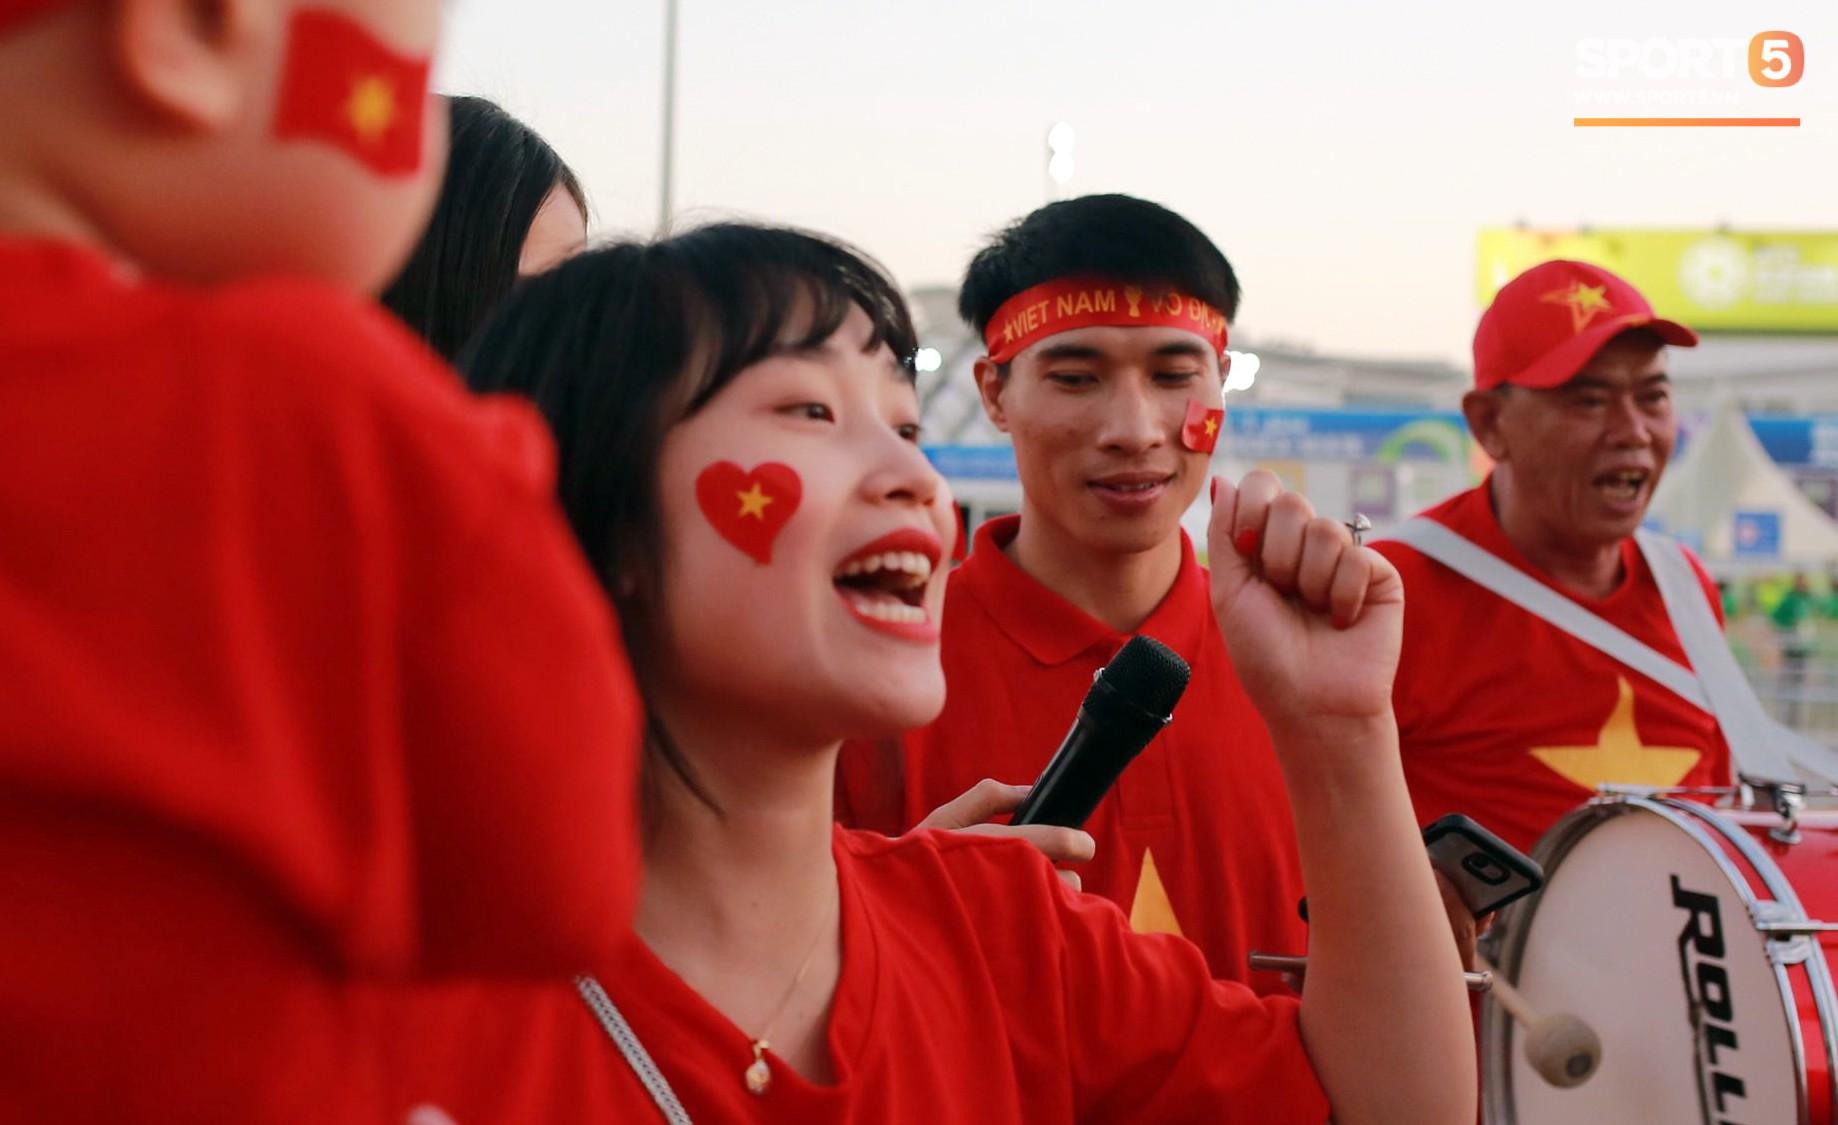 Cổ động viên Sài Gòn tiếp lửa cho đội tuyển Việt Nam lúc nửa đêm-4